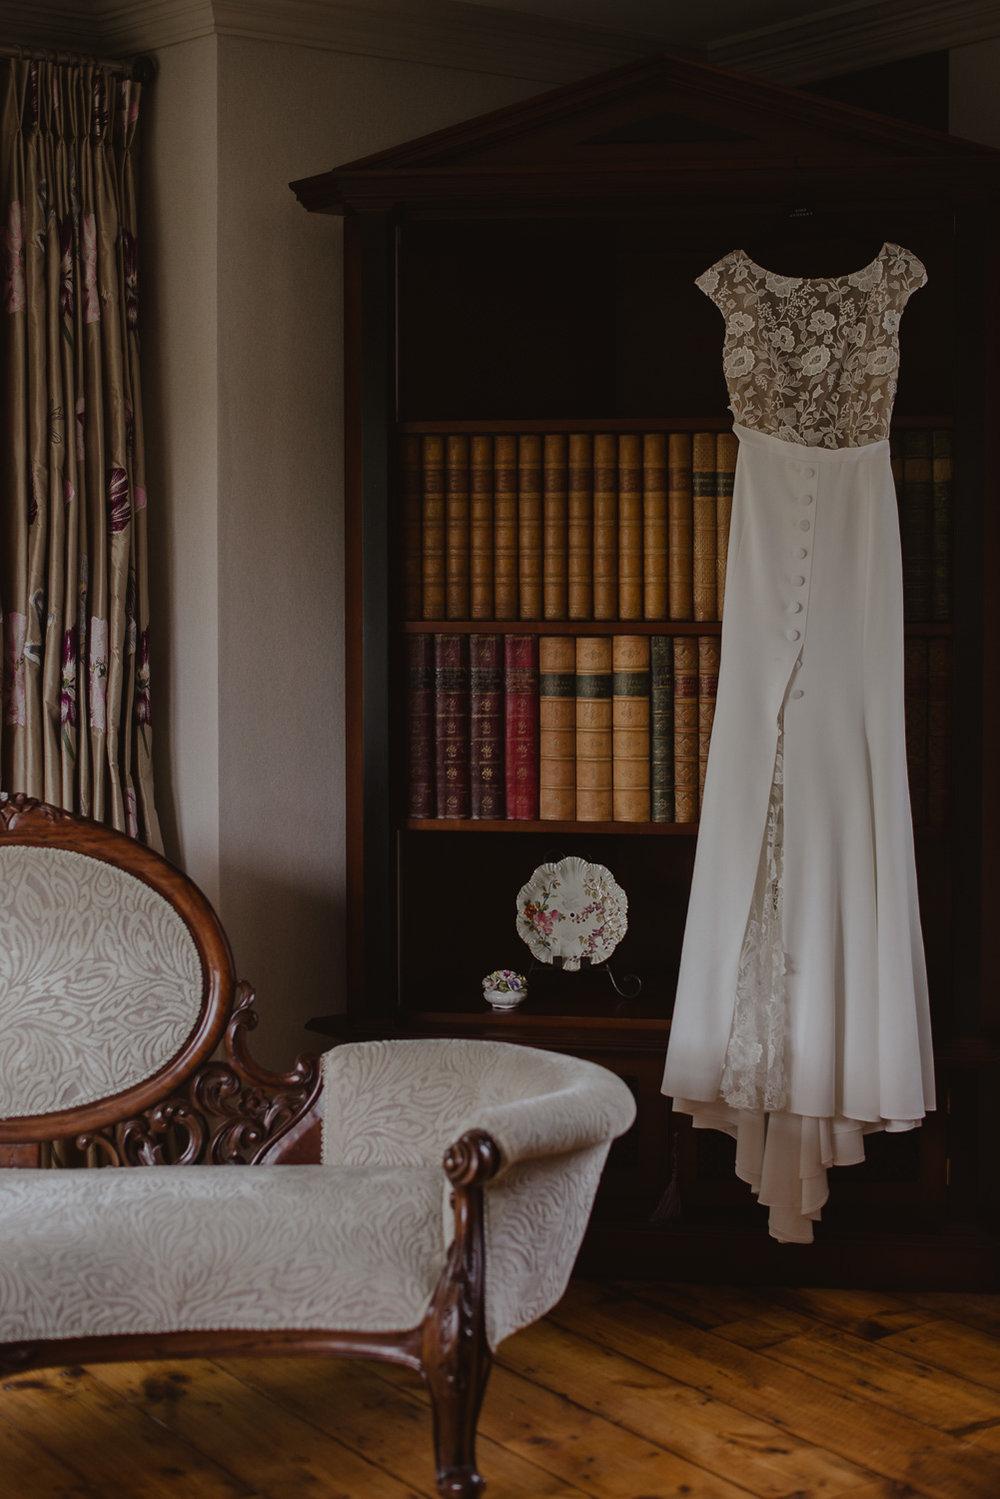 Rime-arodaky-wedding-dress.jpg